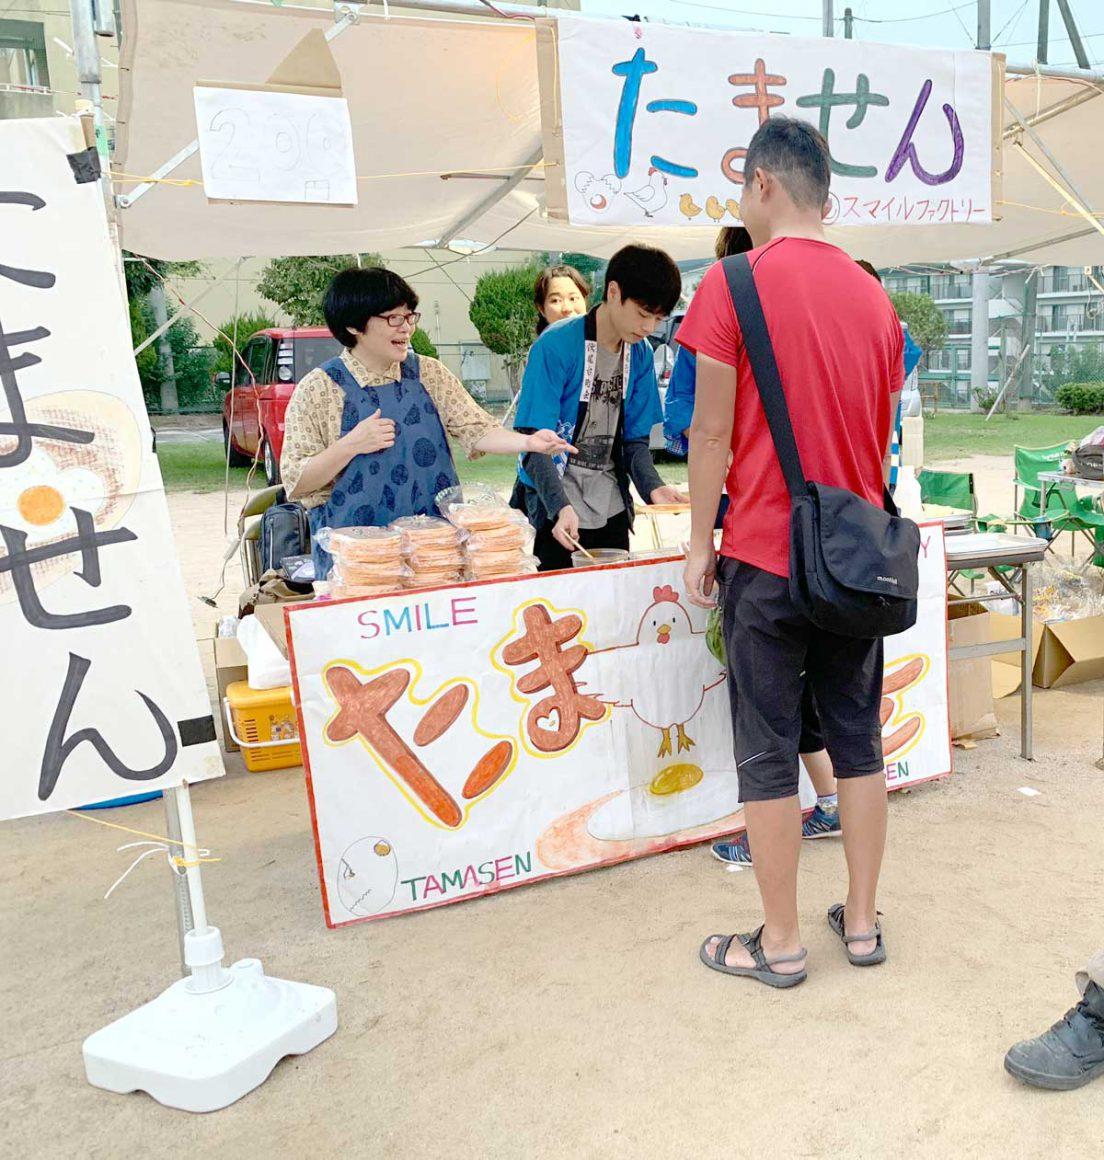 【伏尾台夏祭りのお知らせ】スマイルファクトリーは毎年恒例、大好評のたません屋さんを出店します